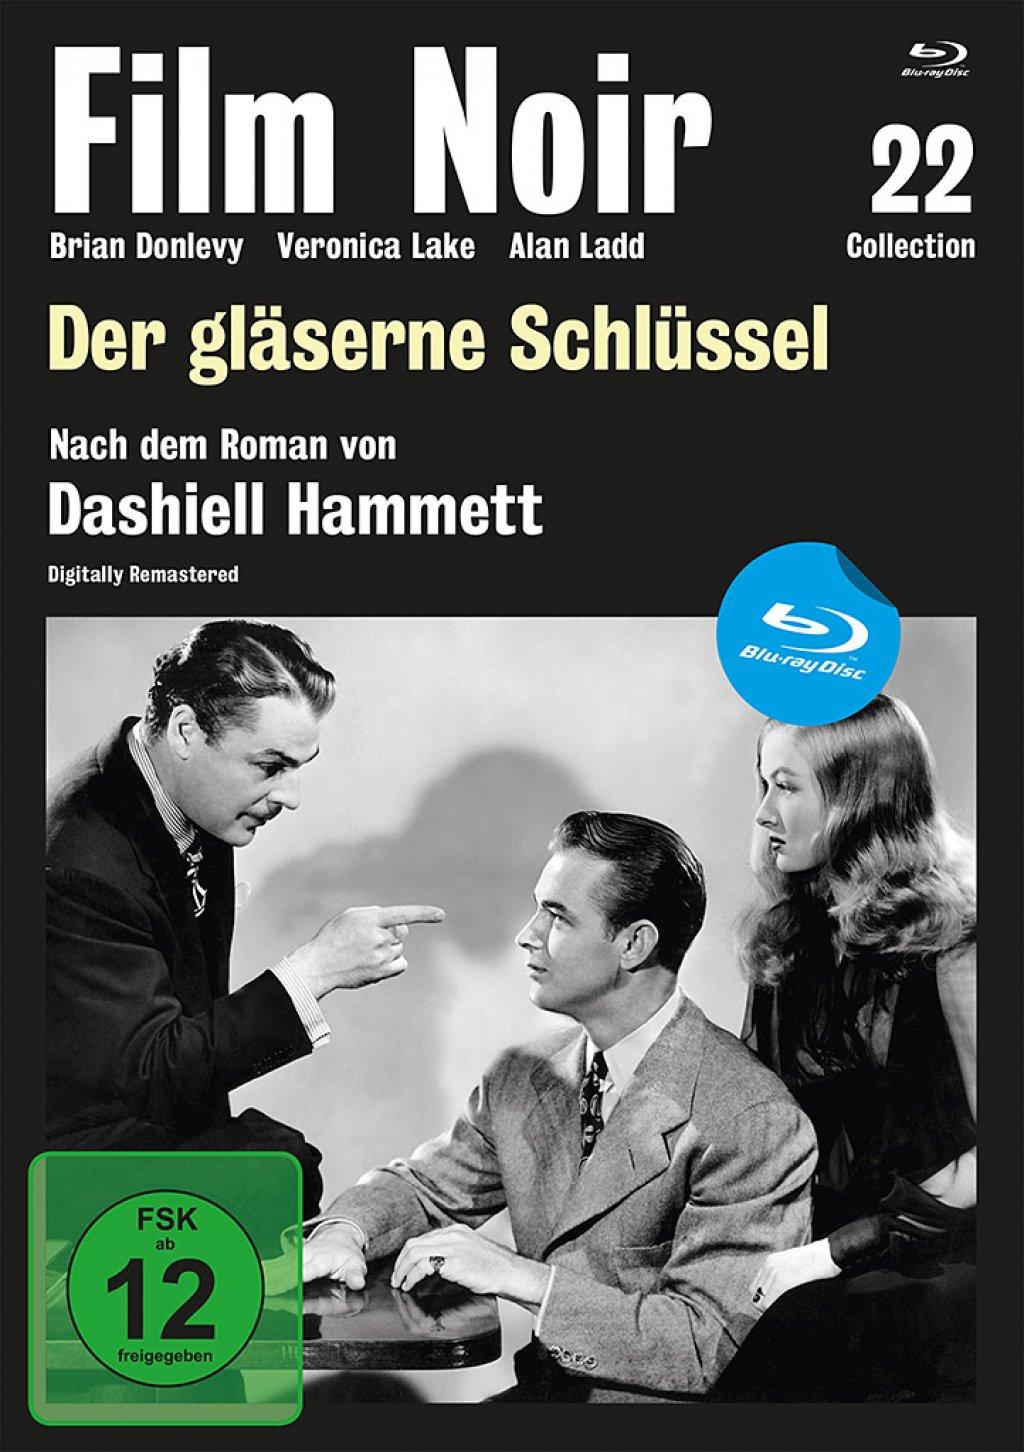 Der gläserne Schlüssel - Film Noir Collection #22 (Blu-ray)